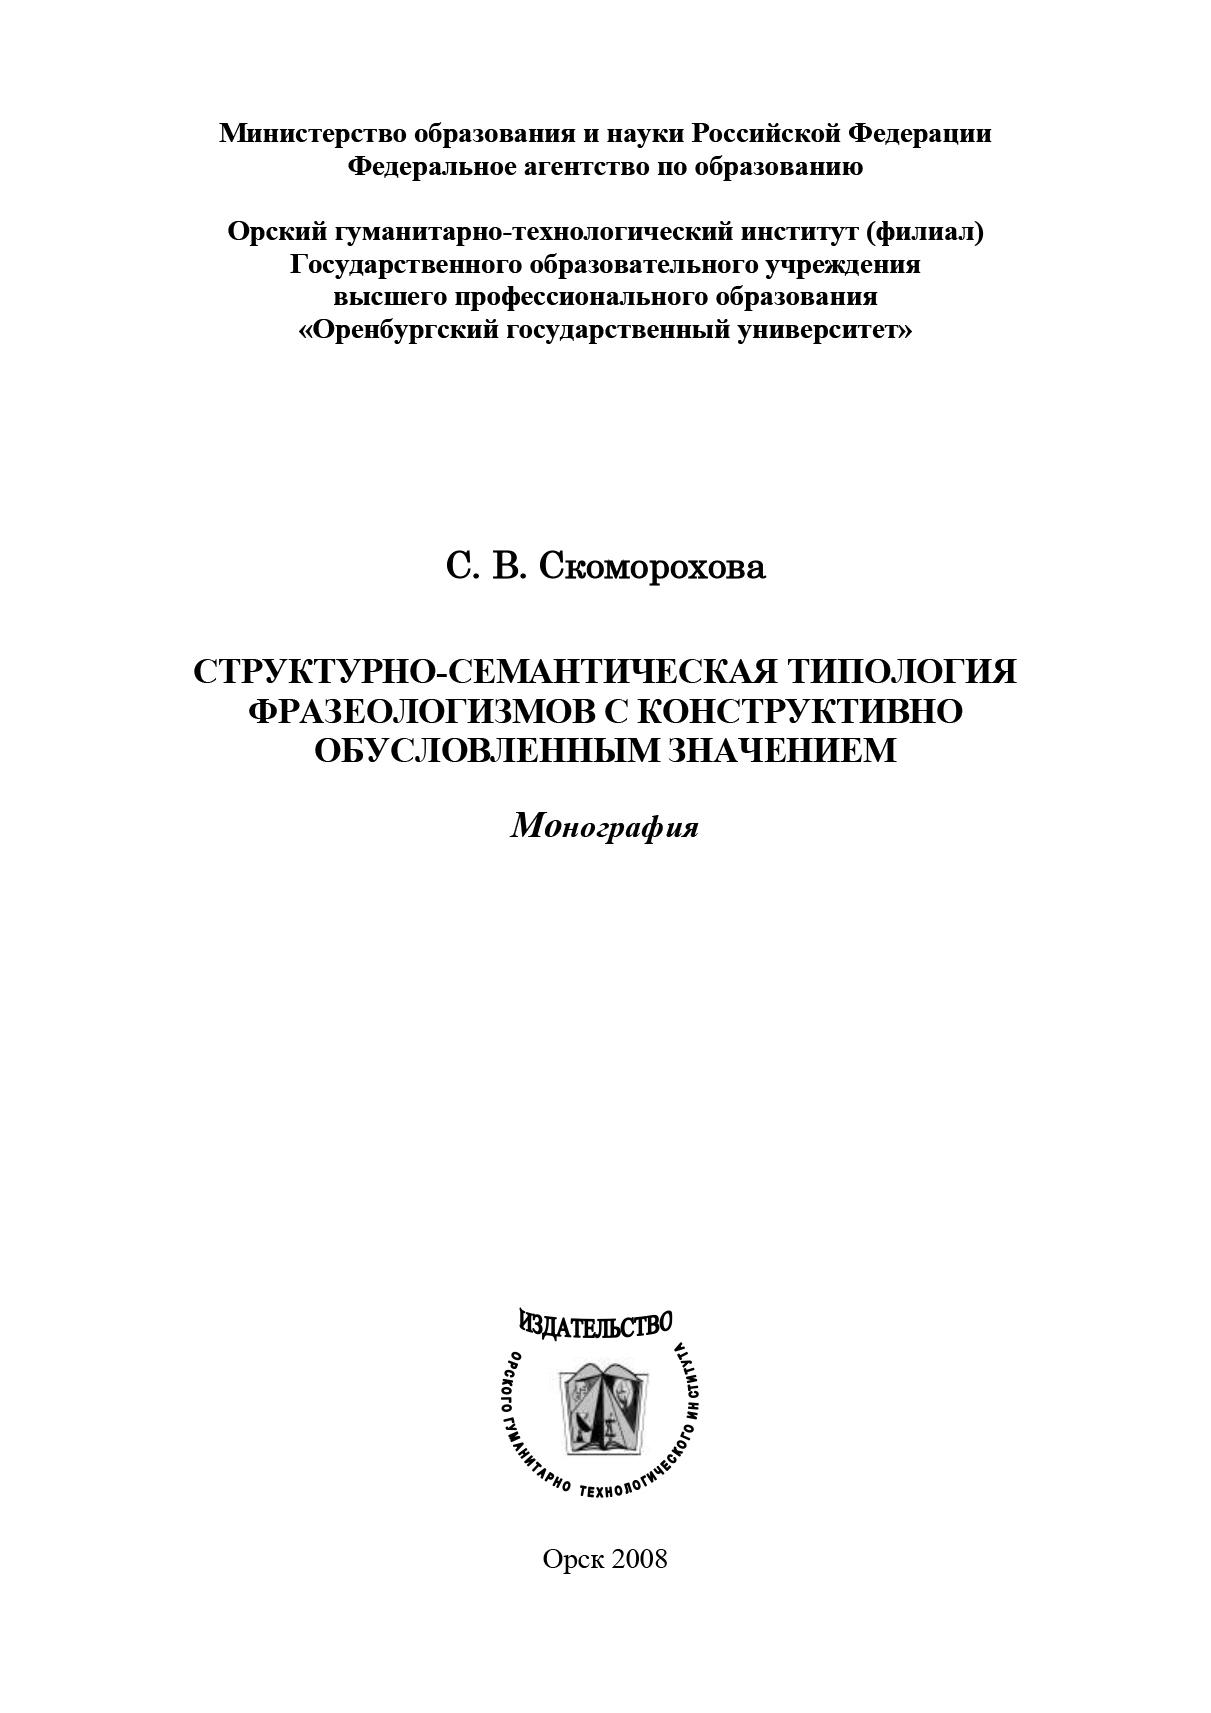 С. В. Скоморохова Структурно-семантическая типология фразеологизмов с конструктивно обусловленным значением